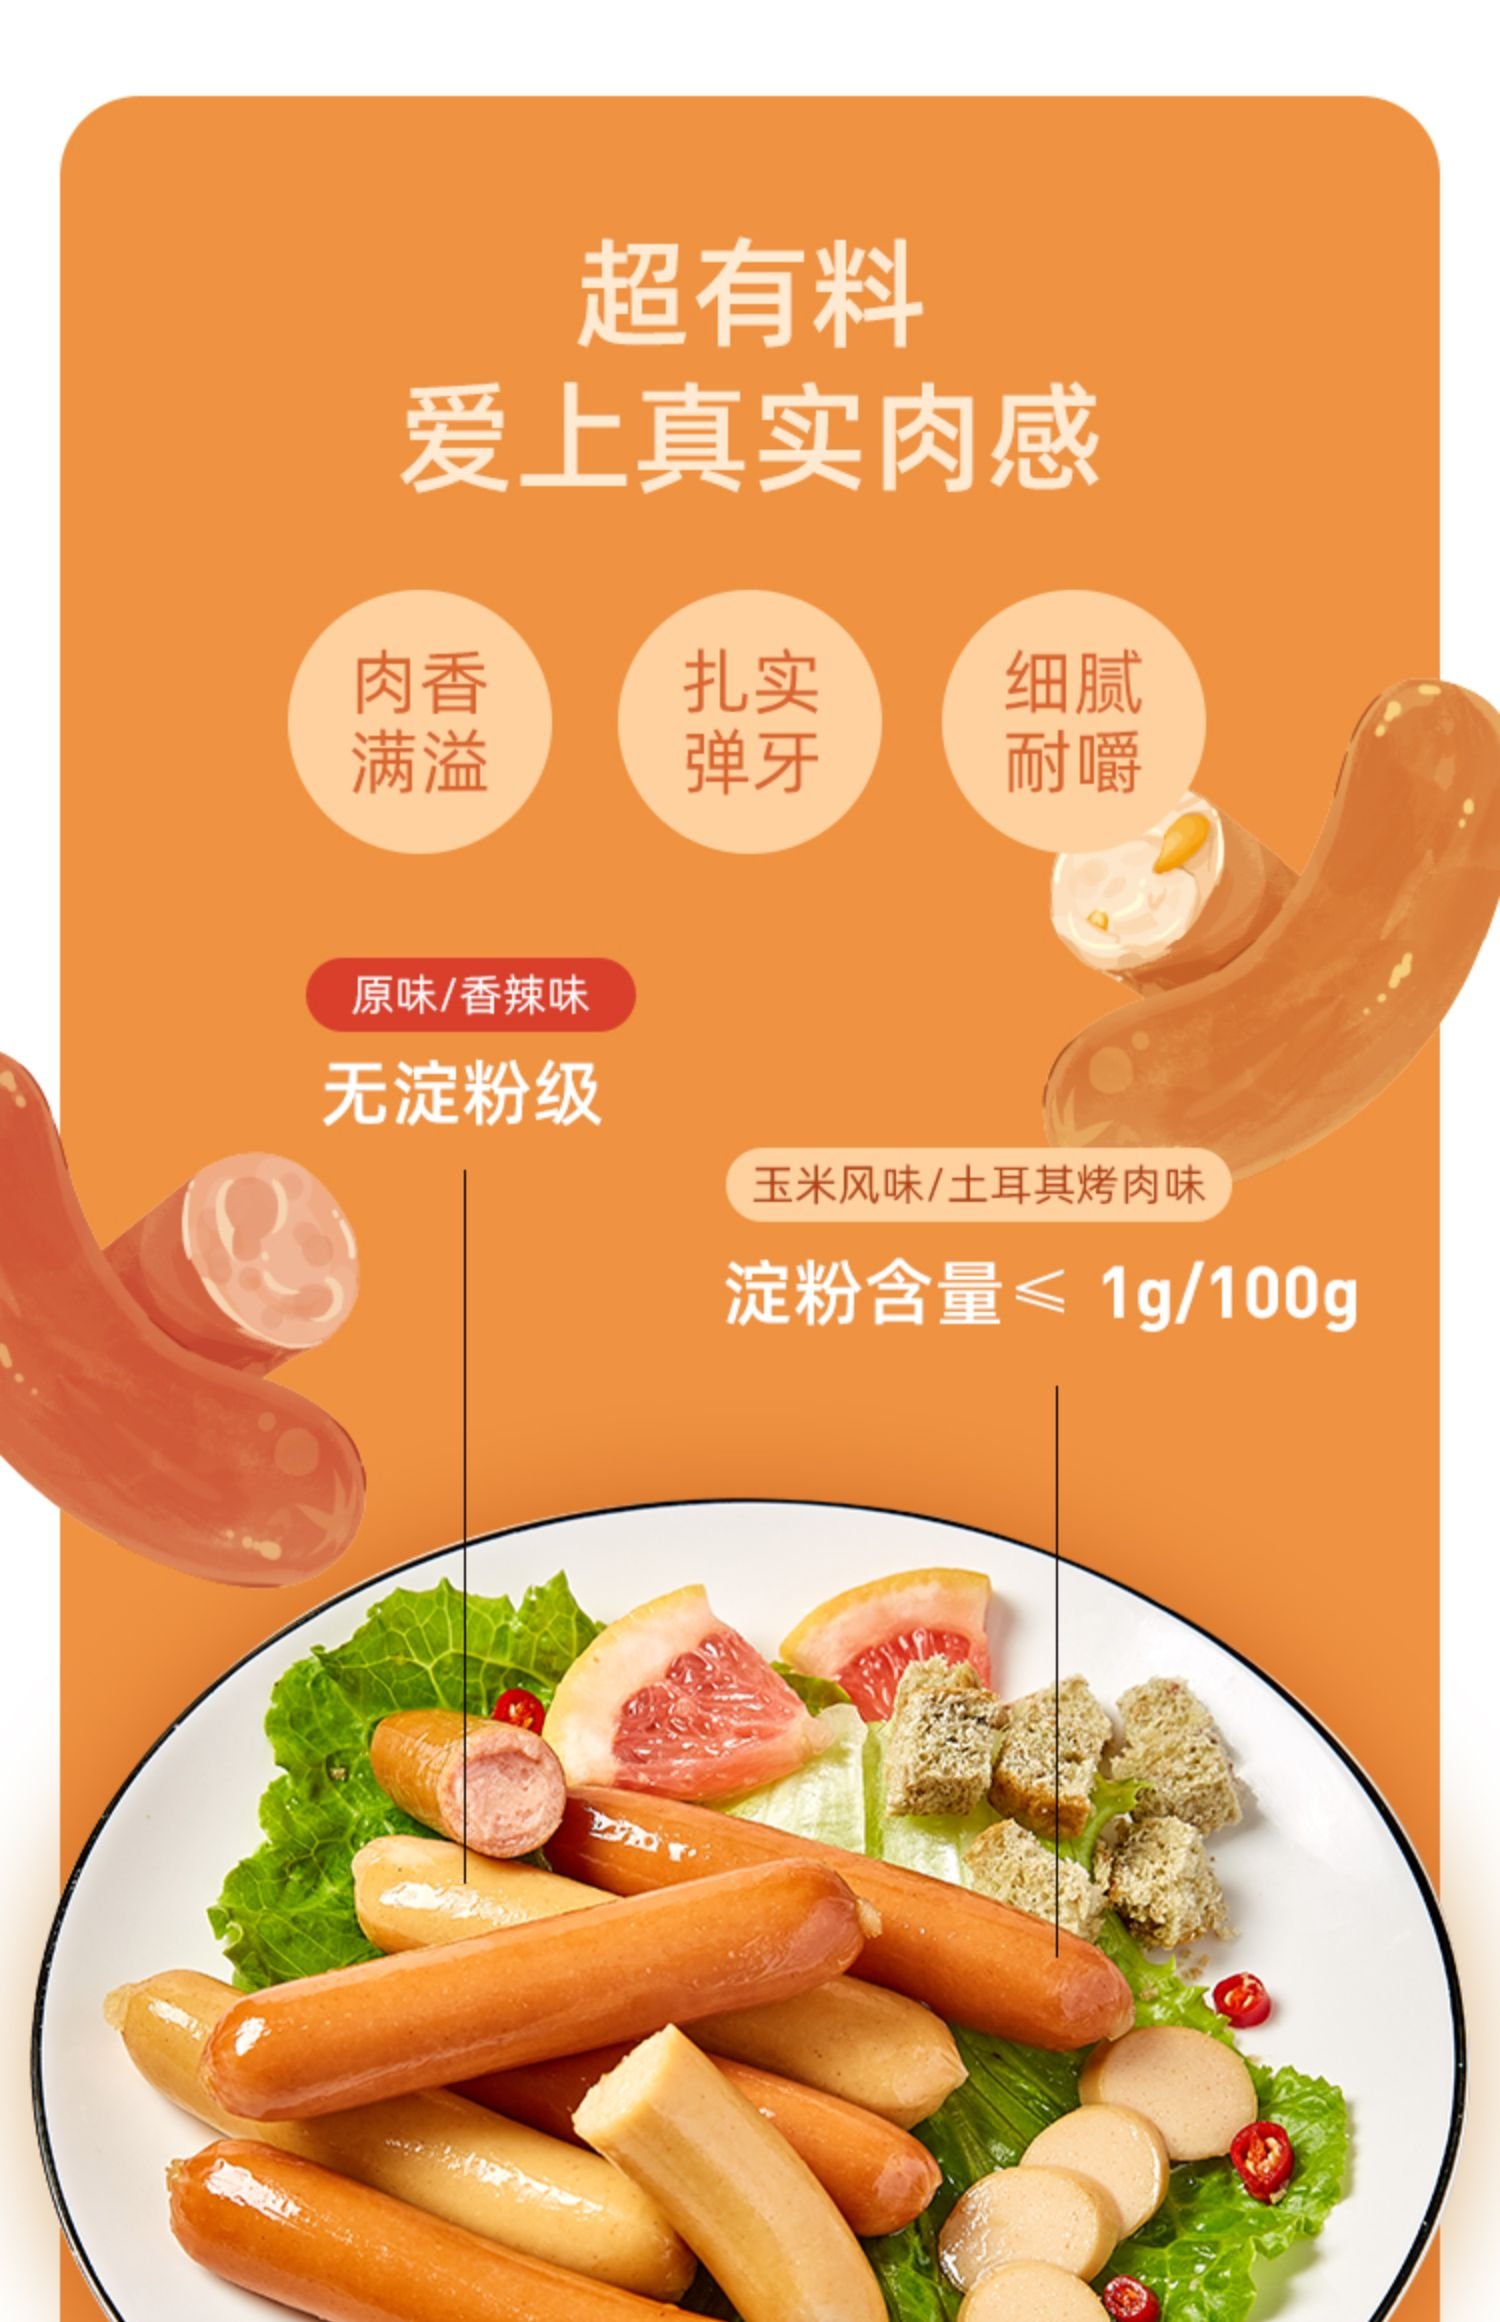 累计热卖55万+!薄荷健康低脂鸡胸肉肠12根3